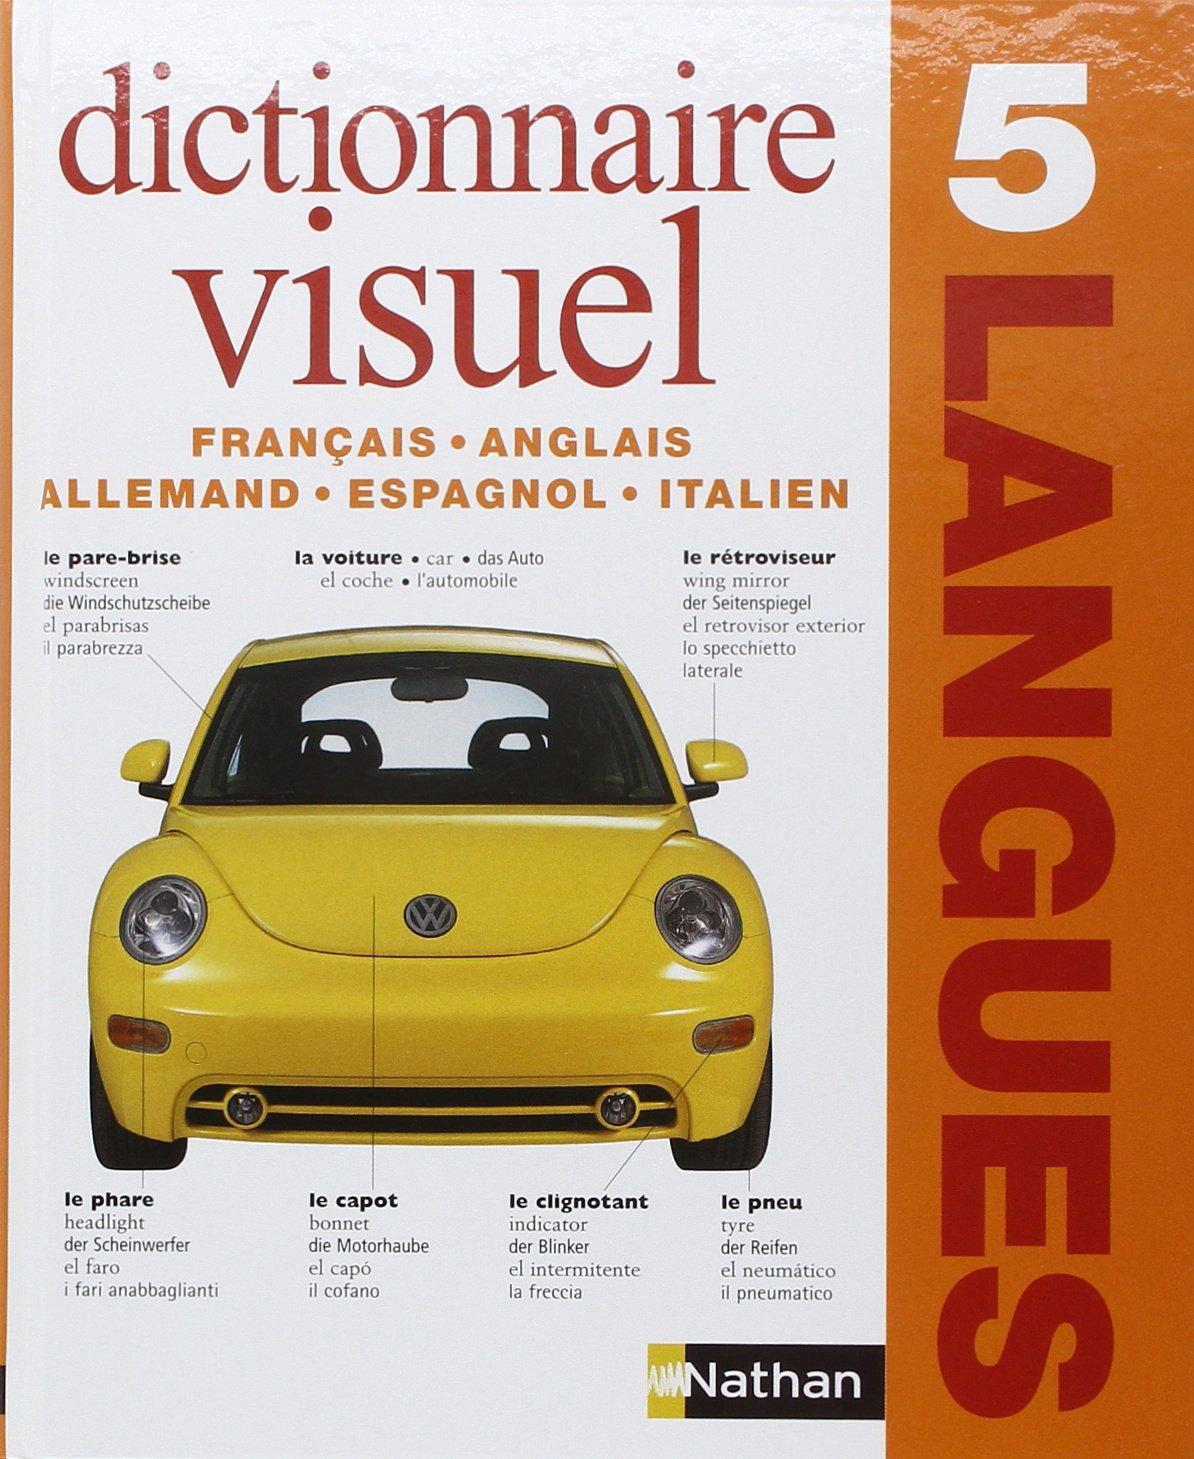 Dictionnaire visuel : 5 langues anglais, français, allemand, espagnol, italien